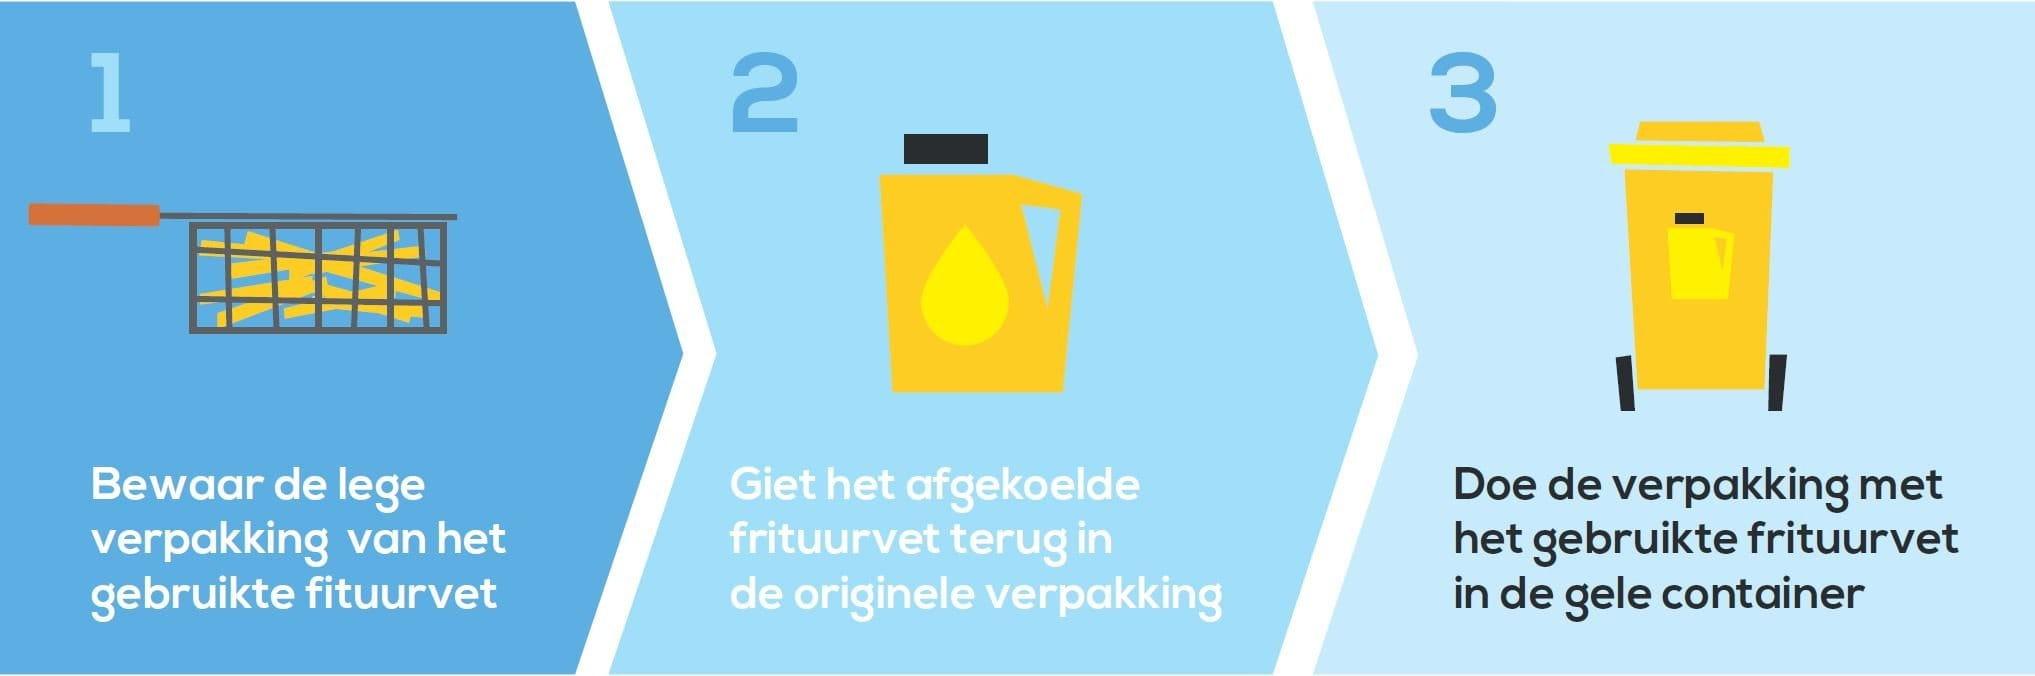 Hou olie en frituurvet apart - frituurvetrecyclehet